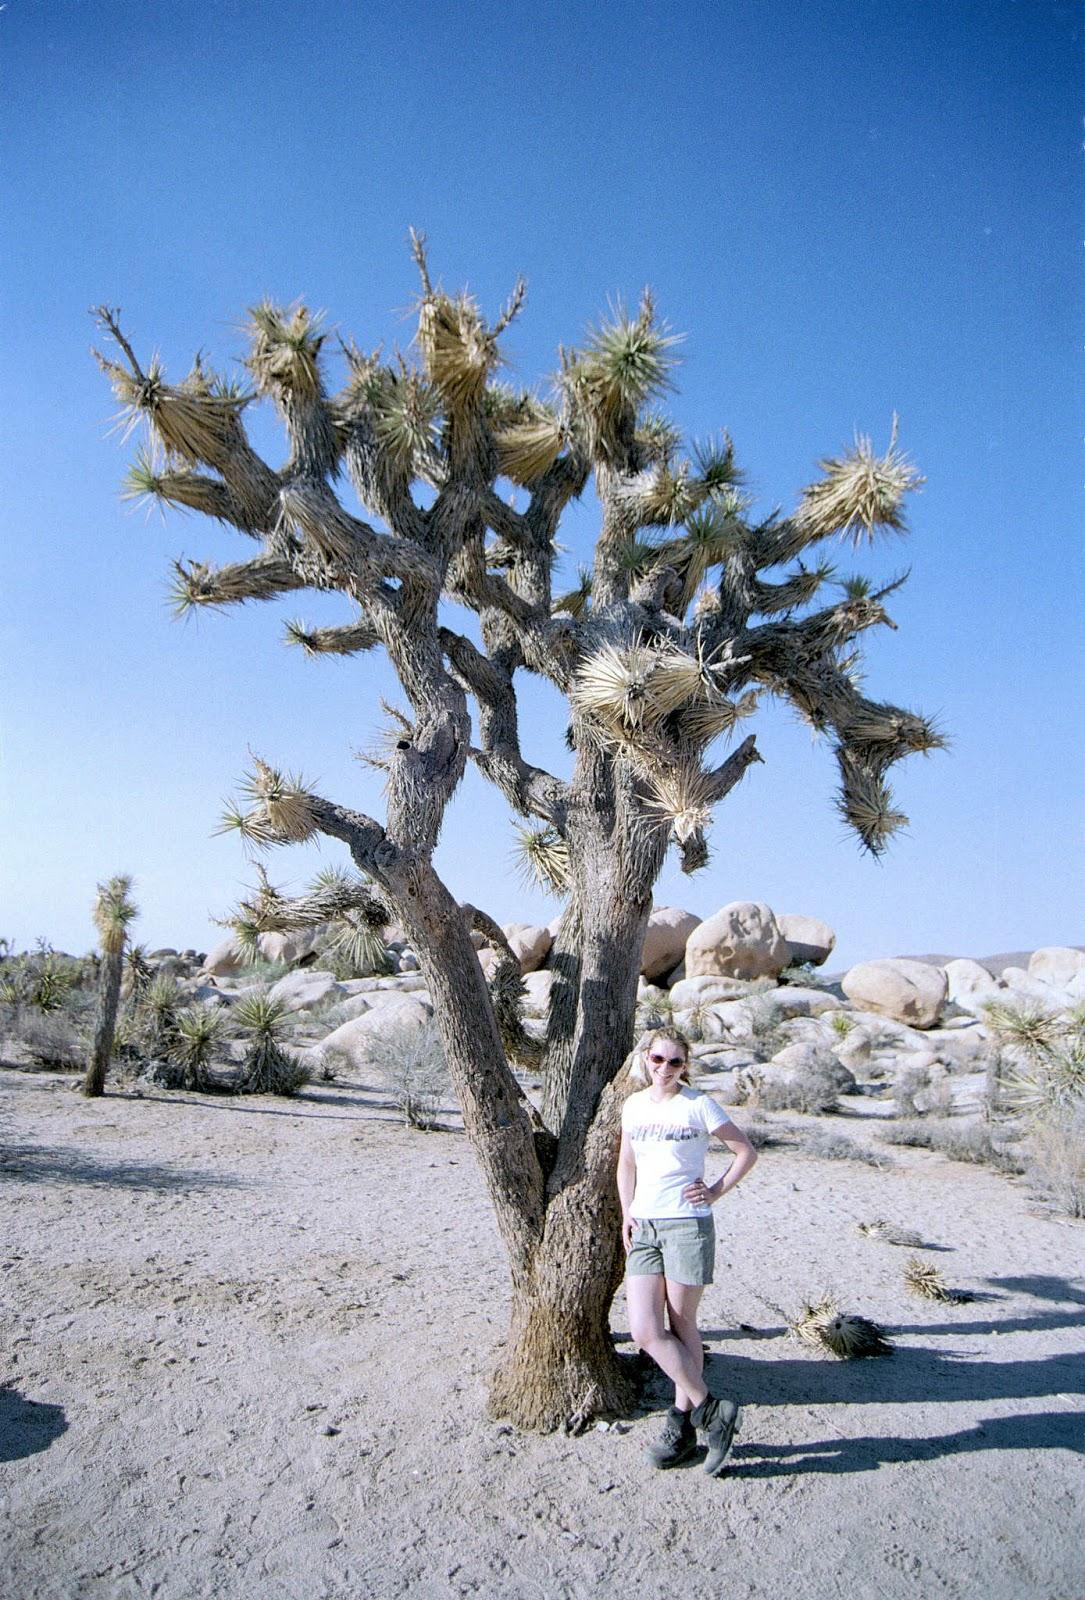 Kas & a Joshua Tree